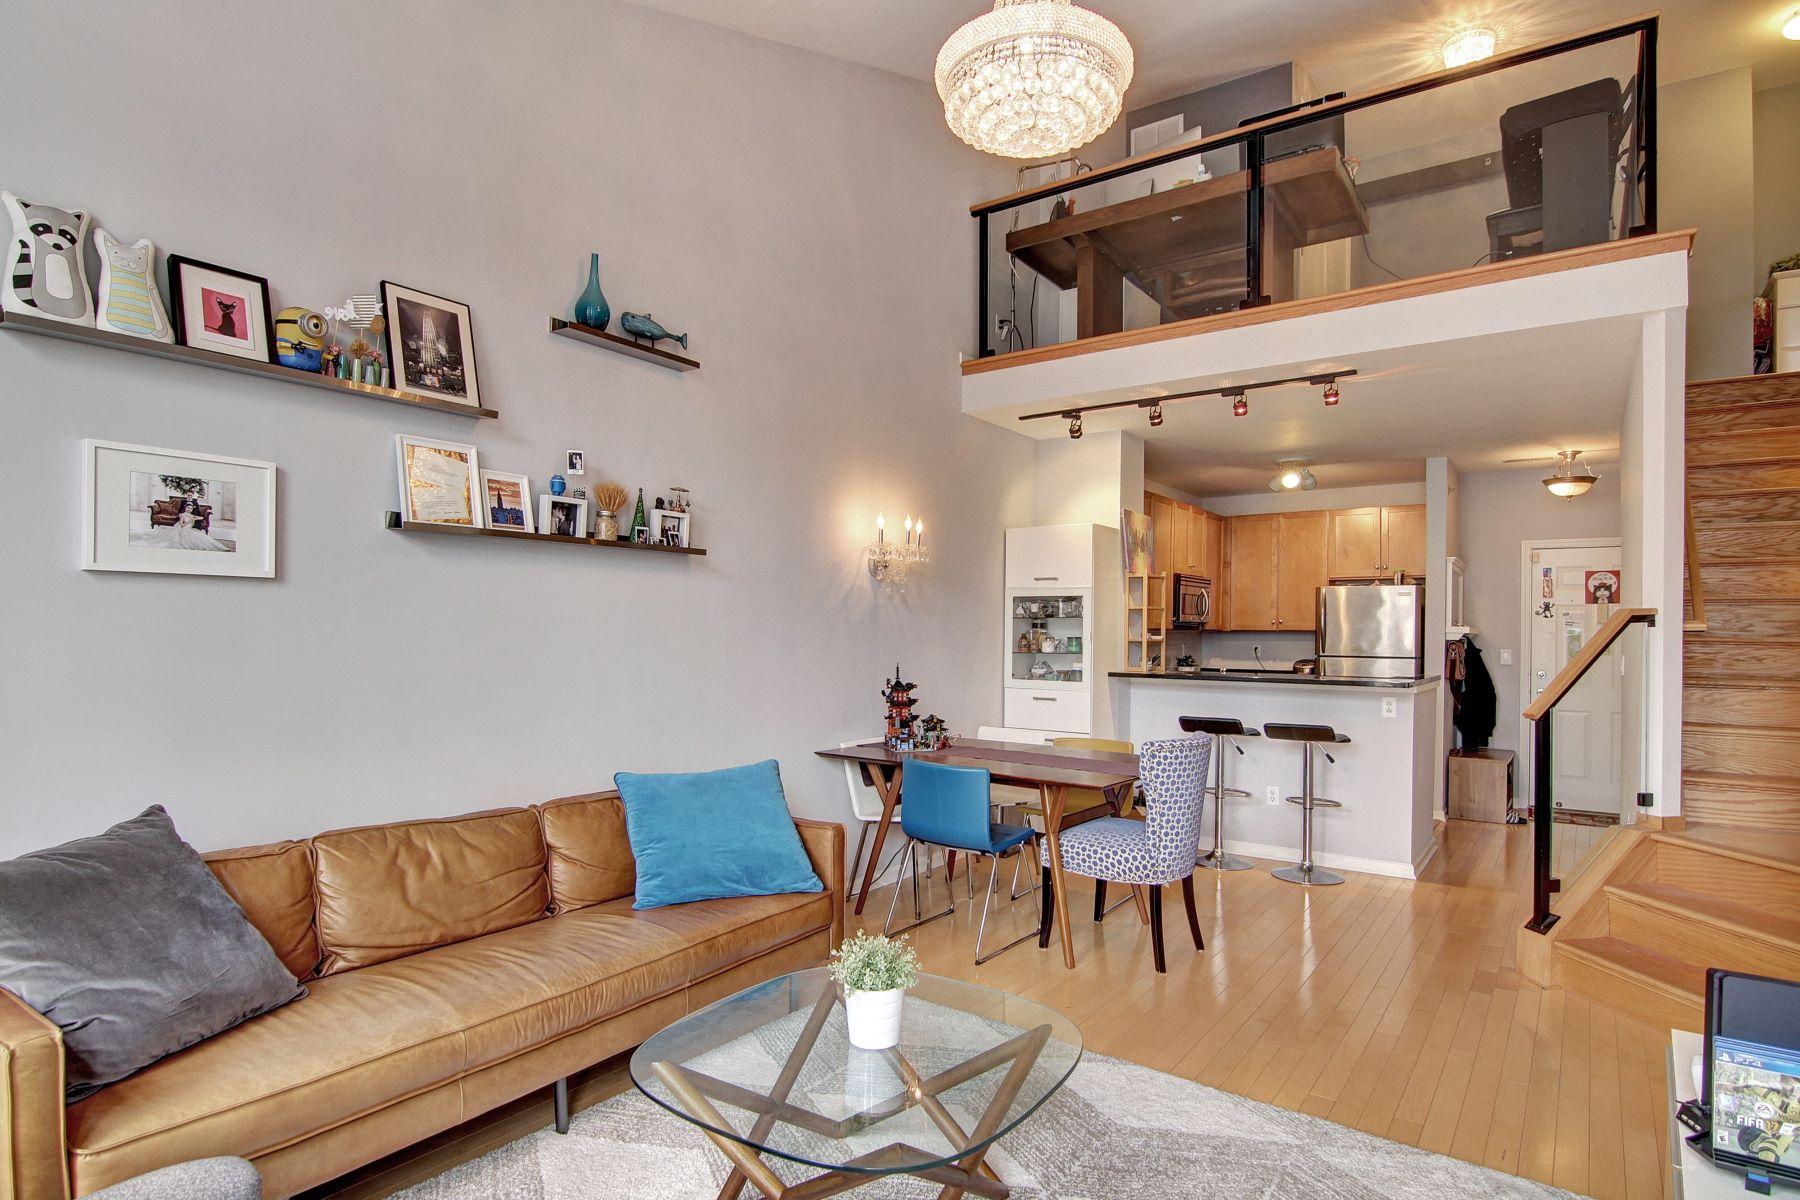 Condominio por un Alquiler en Luxury Awaits You 24 Avenue At Port Imperial #442 West New York, Nueva Jersey 07093 Estados Unidos